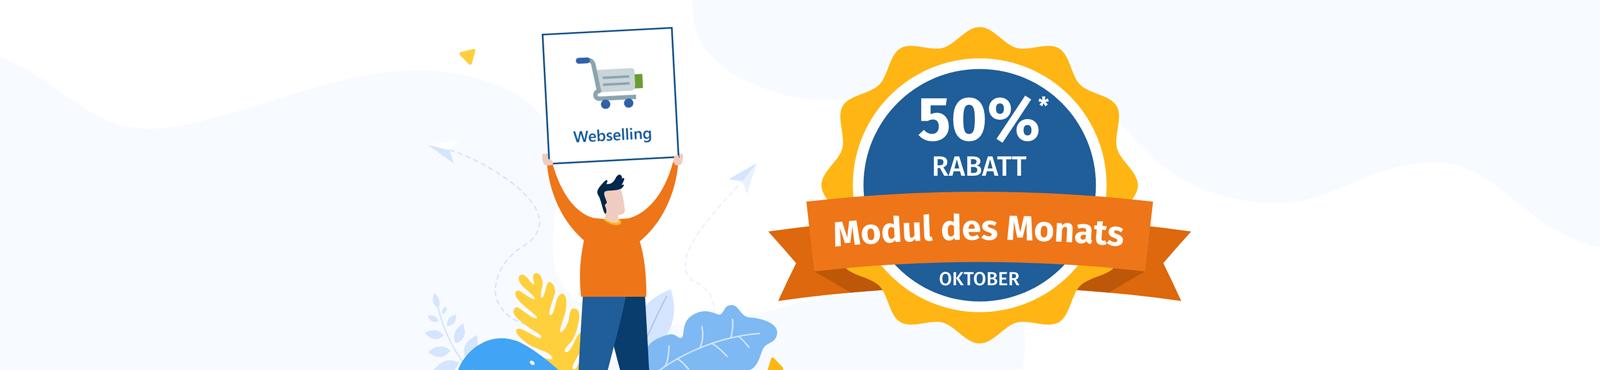 Modul des Monats: Webselling zum halben Preis